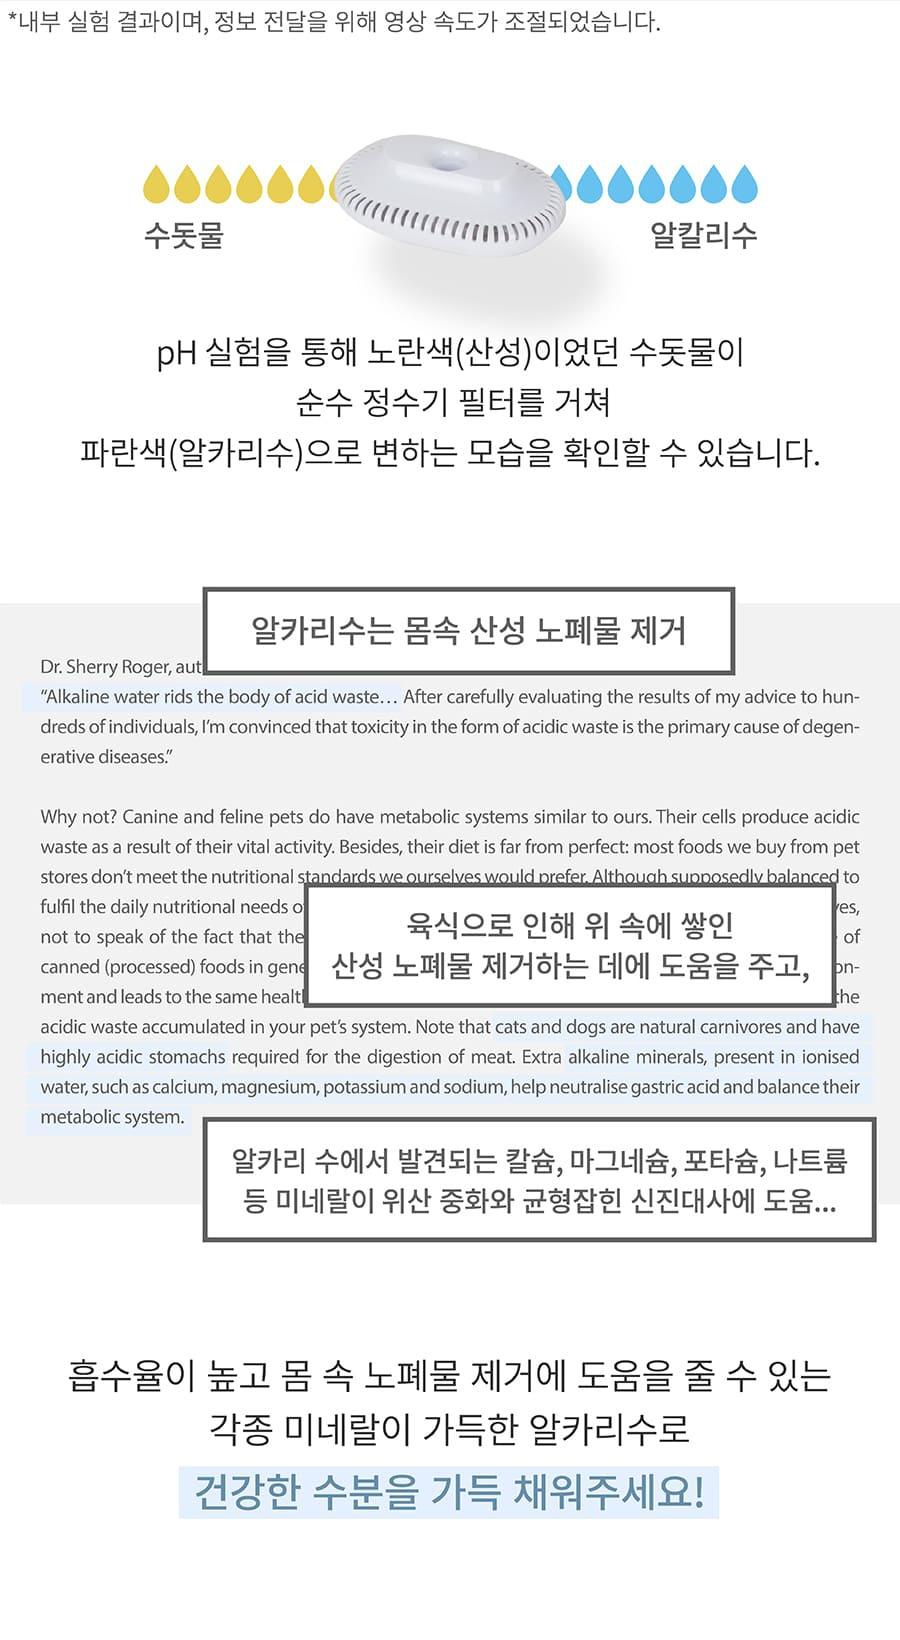 스토브 순수 알카리 9.0 정수기-상품이미지-20